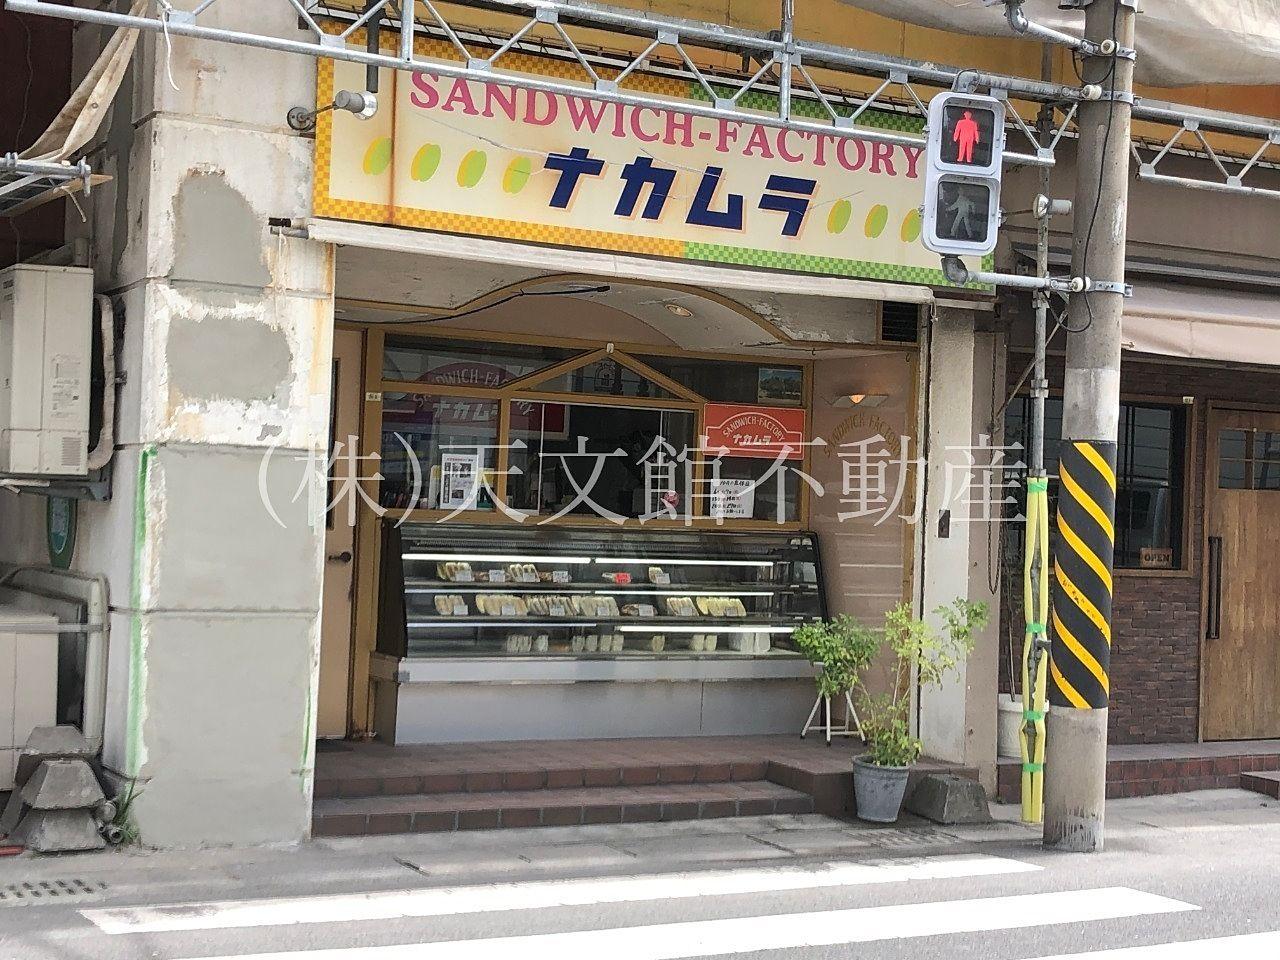 鹿児島市 天文館公園 軽食サンドイッチ 美味しい お土産